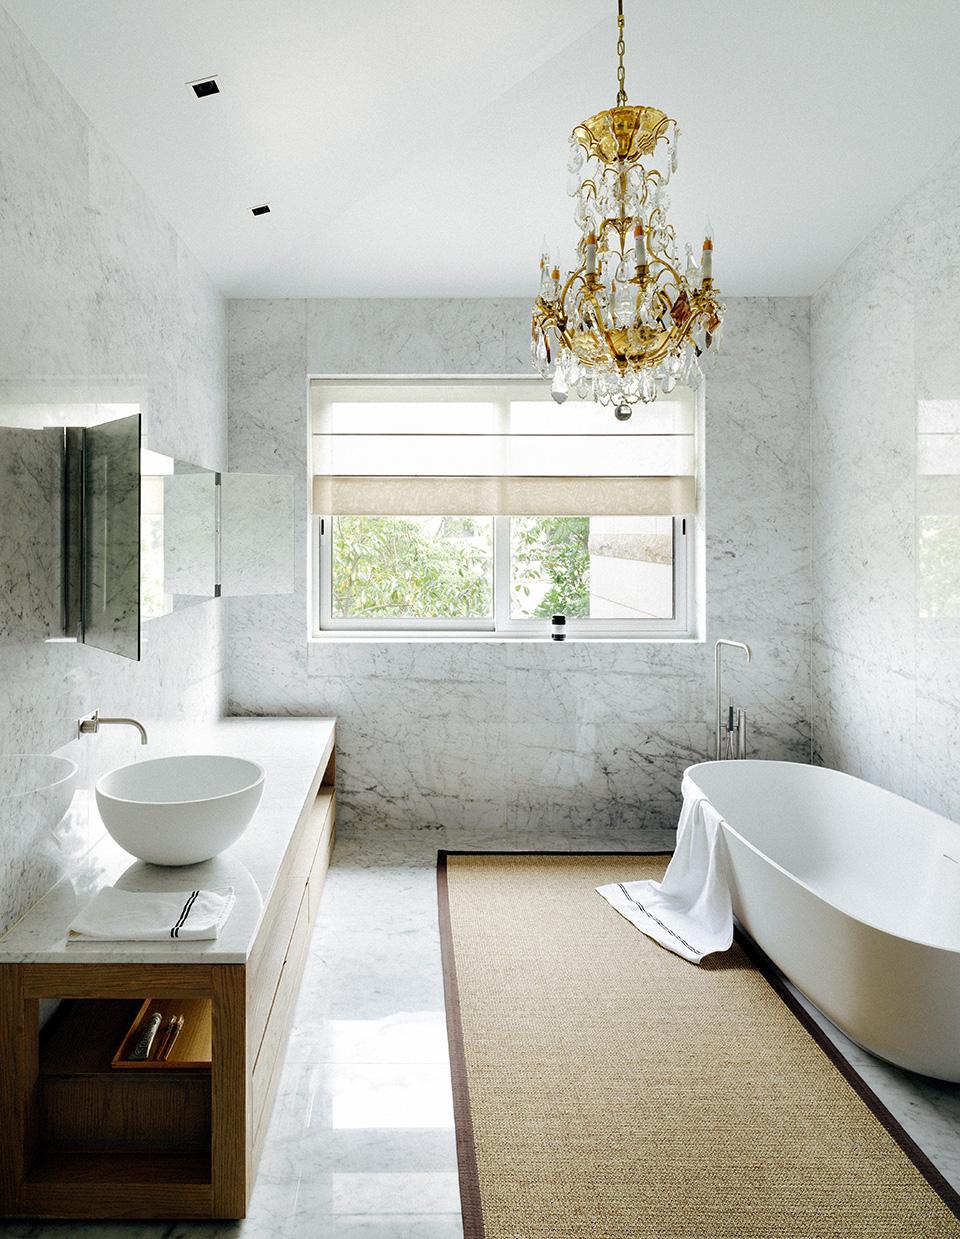 宽敞卫浴空间是疗愈一天疲惫的最好礼物。